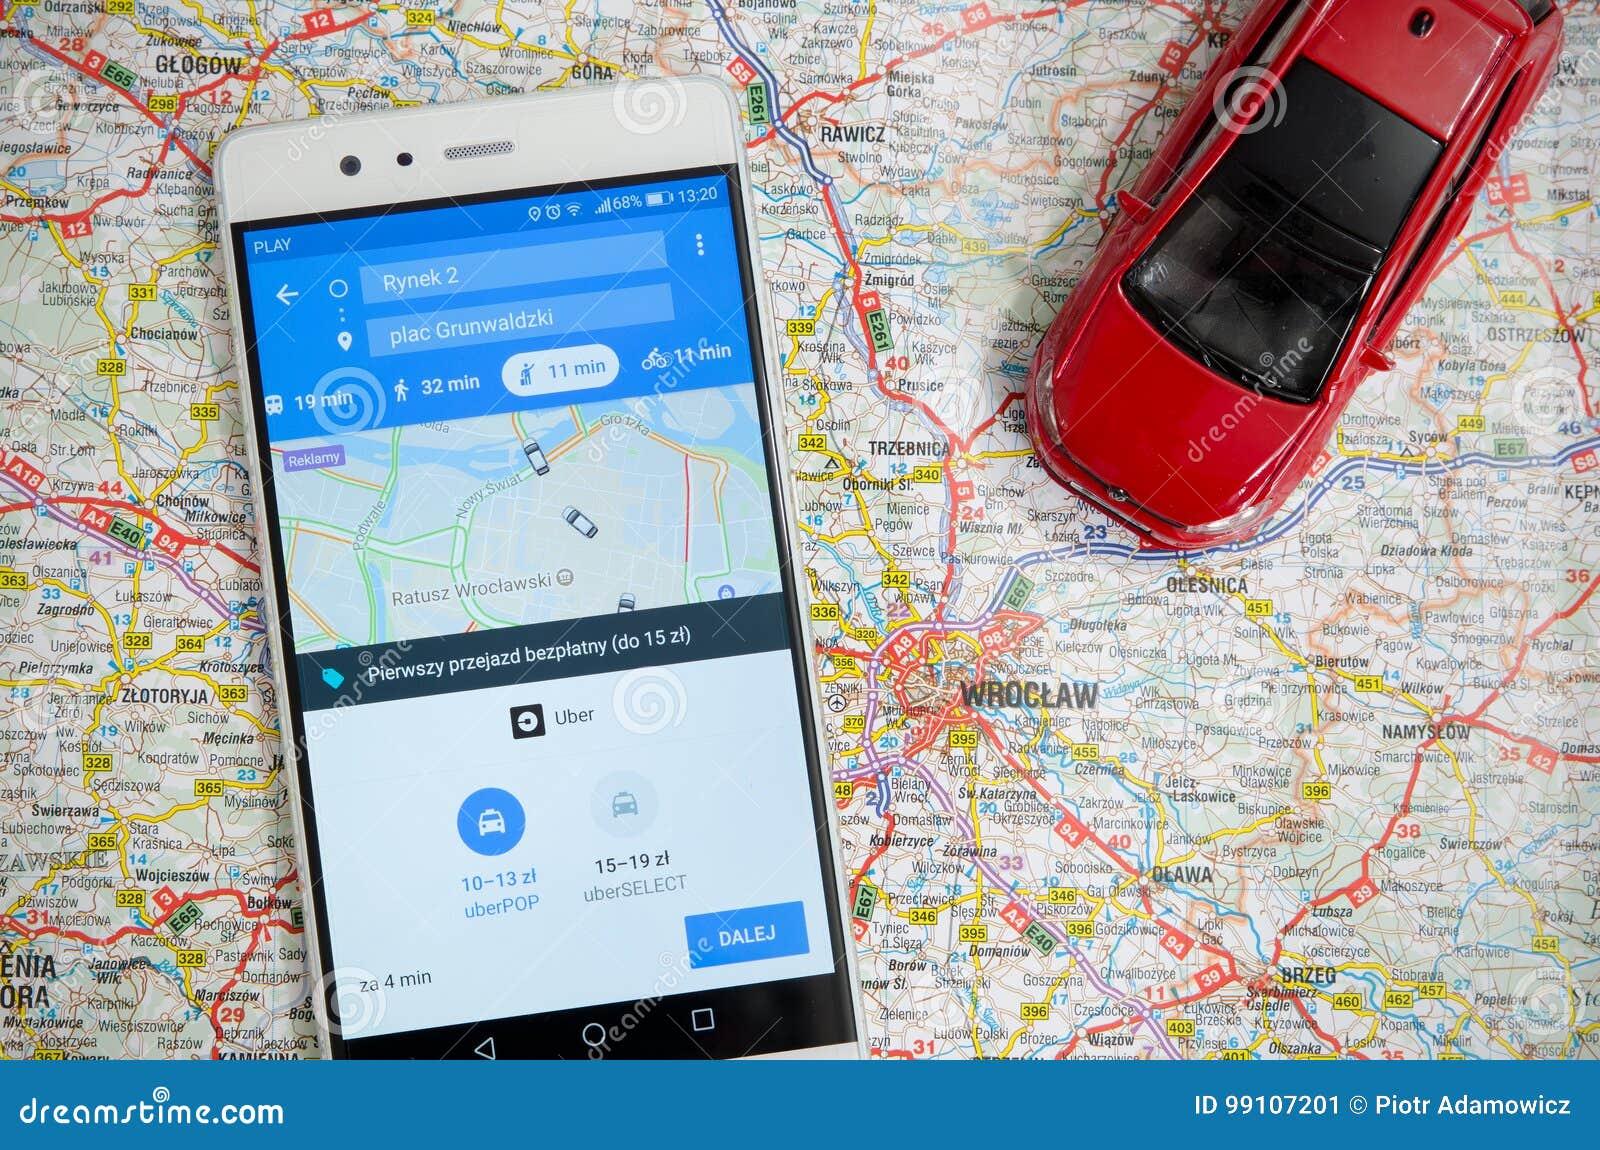 Uber die de economiedienst in Wroclaw delen